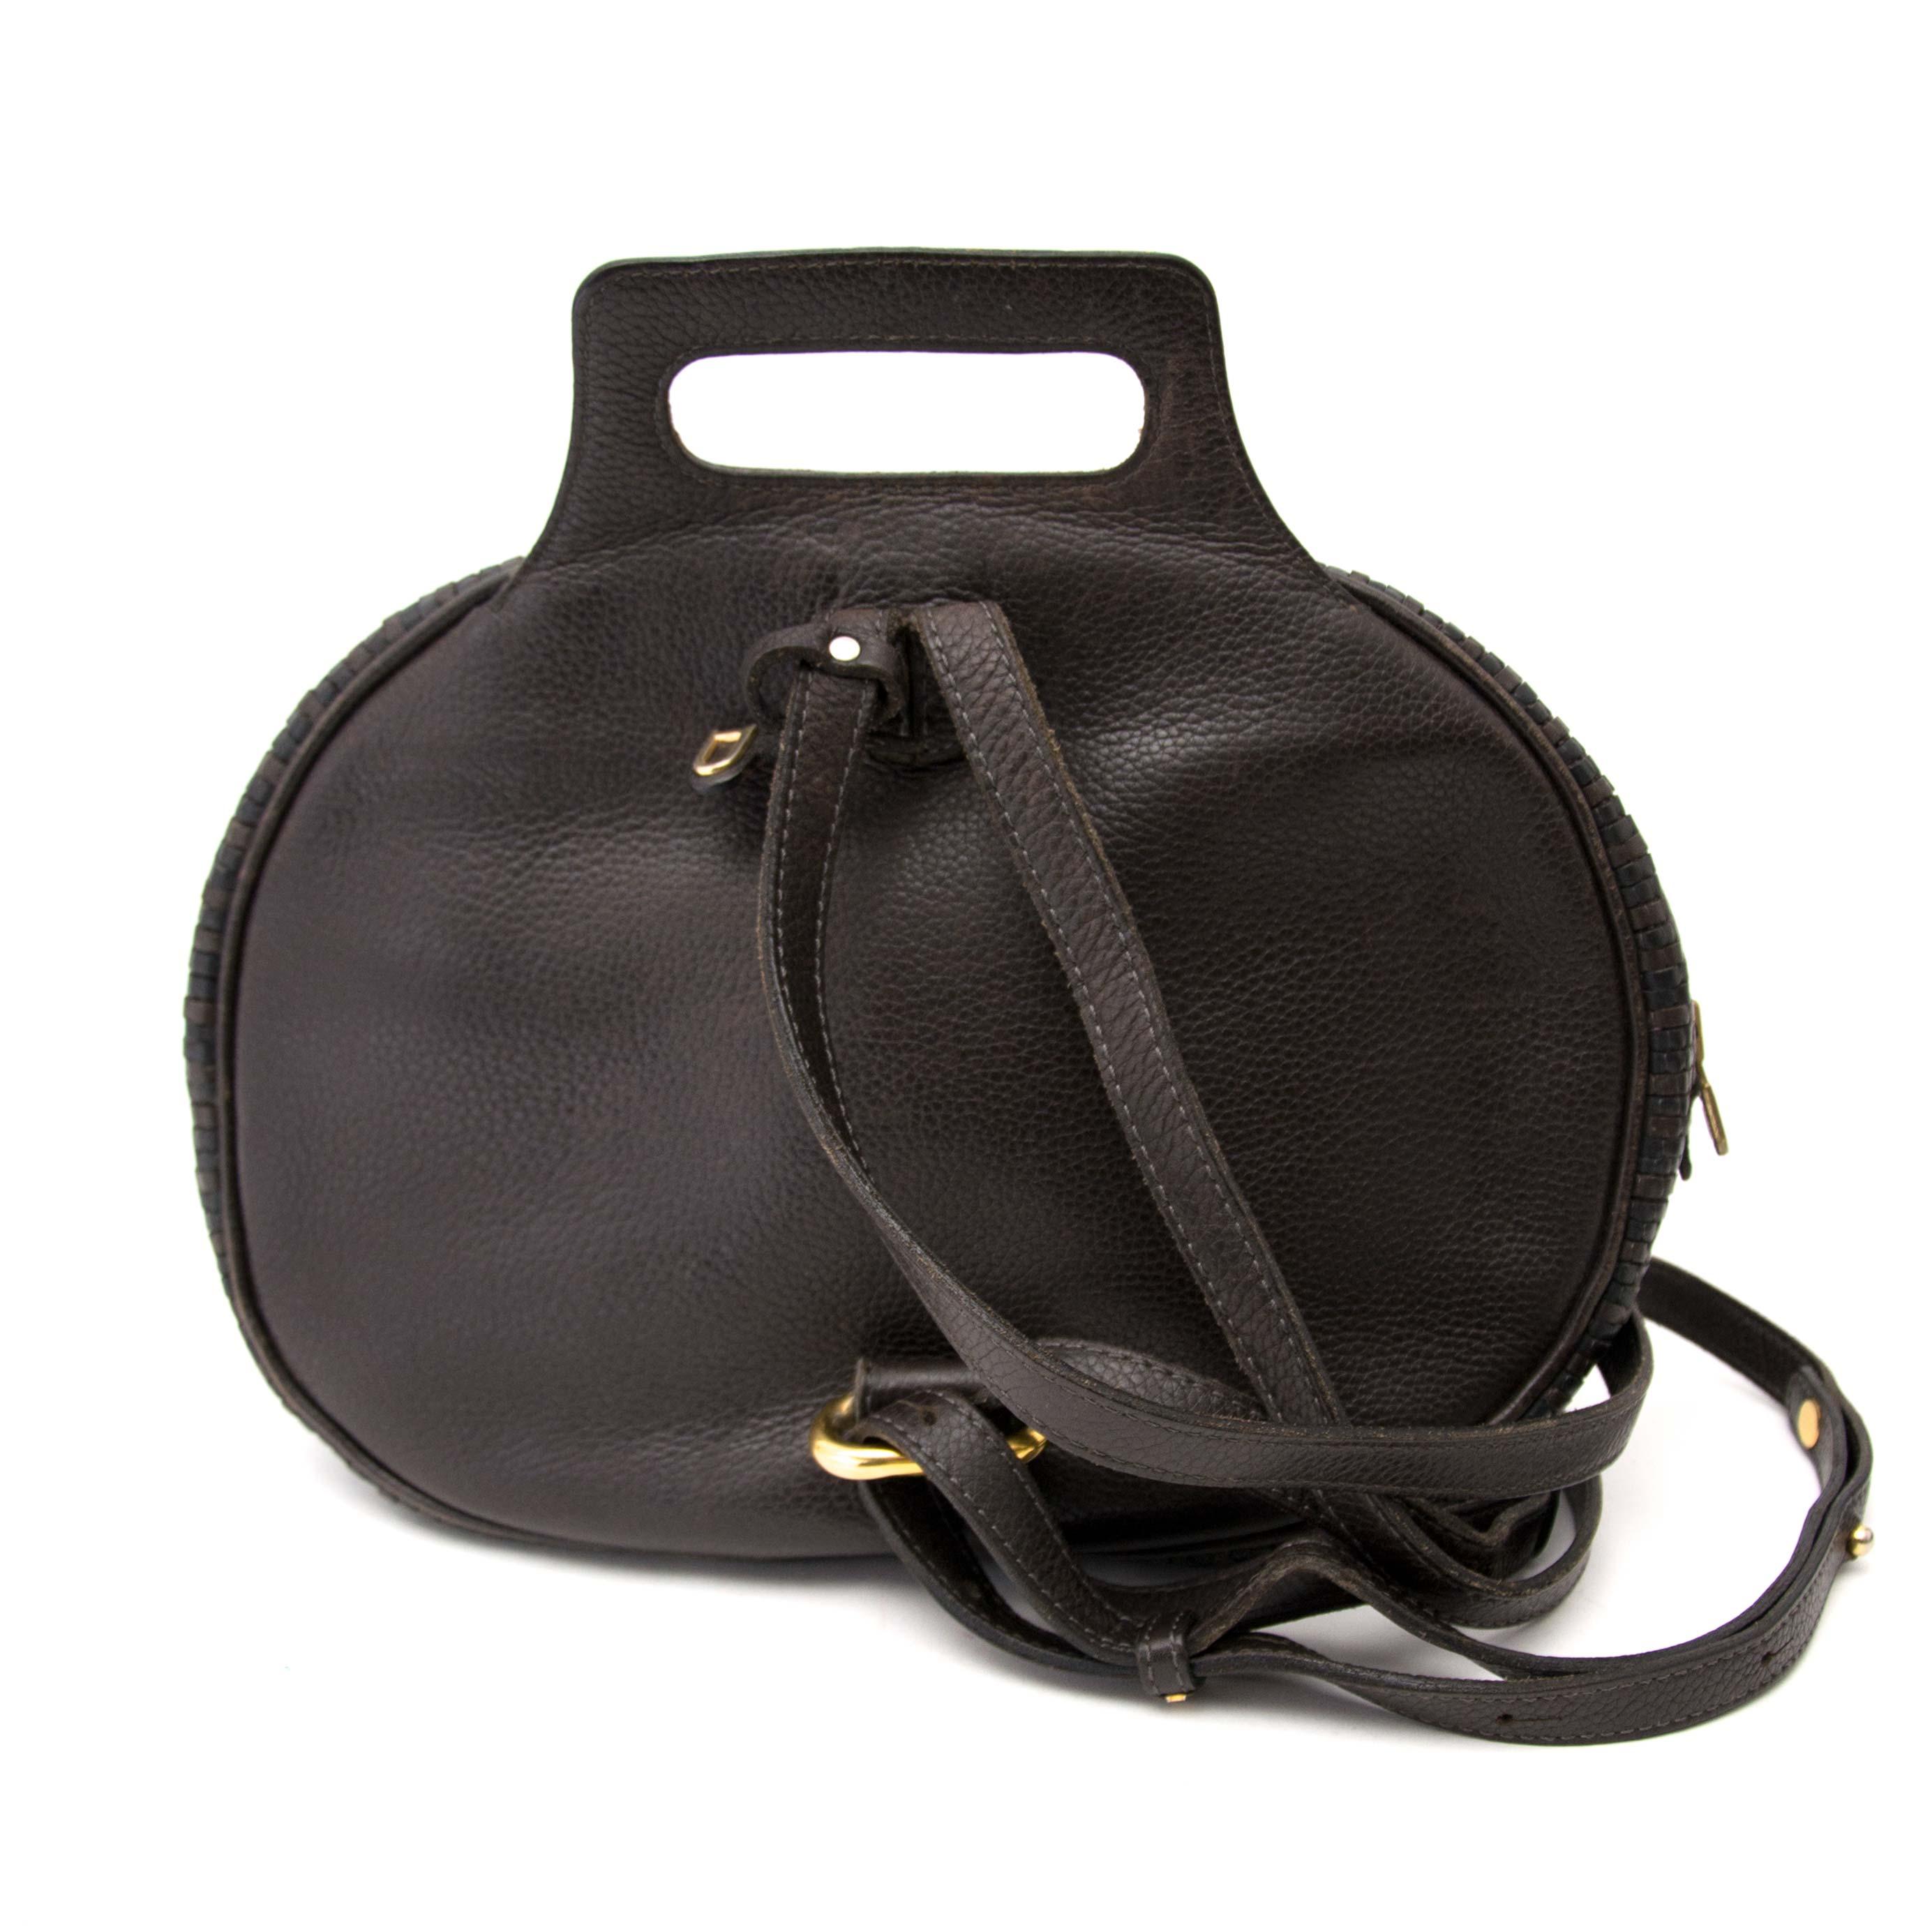 Acheter secur en ligne votre sac a mains Delvaux Toile de Cuir Brown Backpack pour le meilleur prix